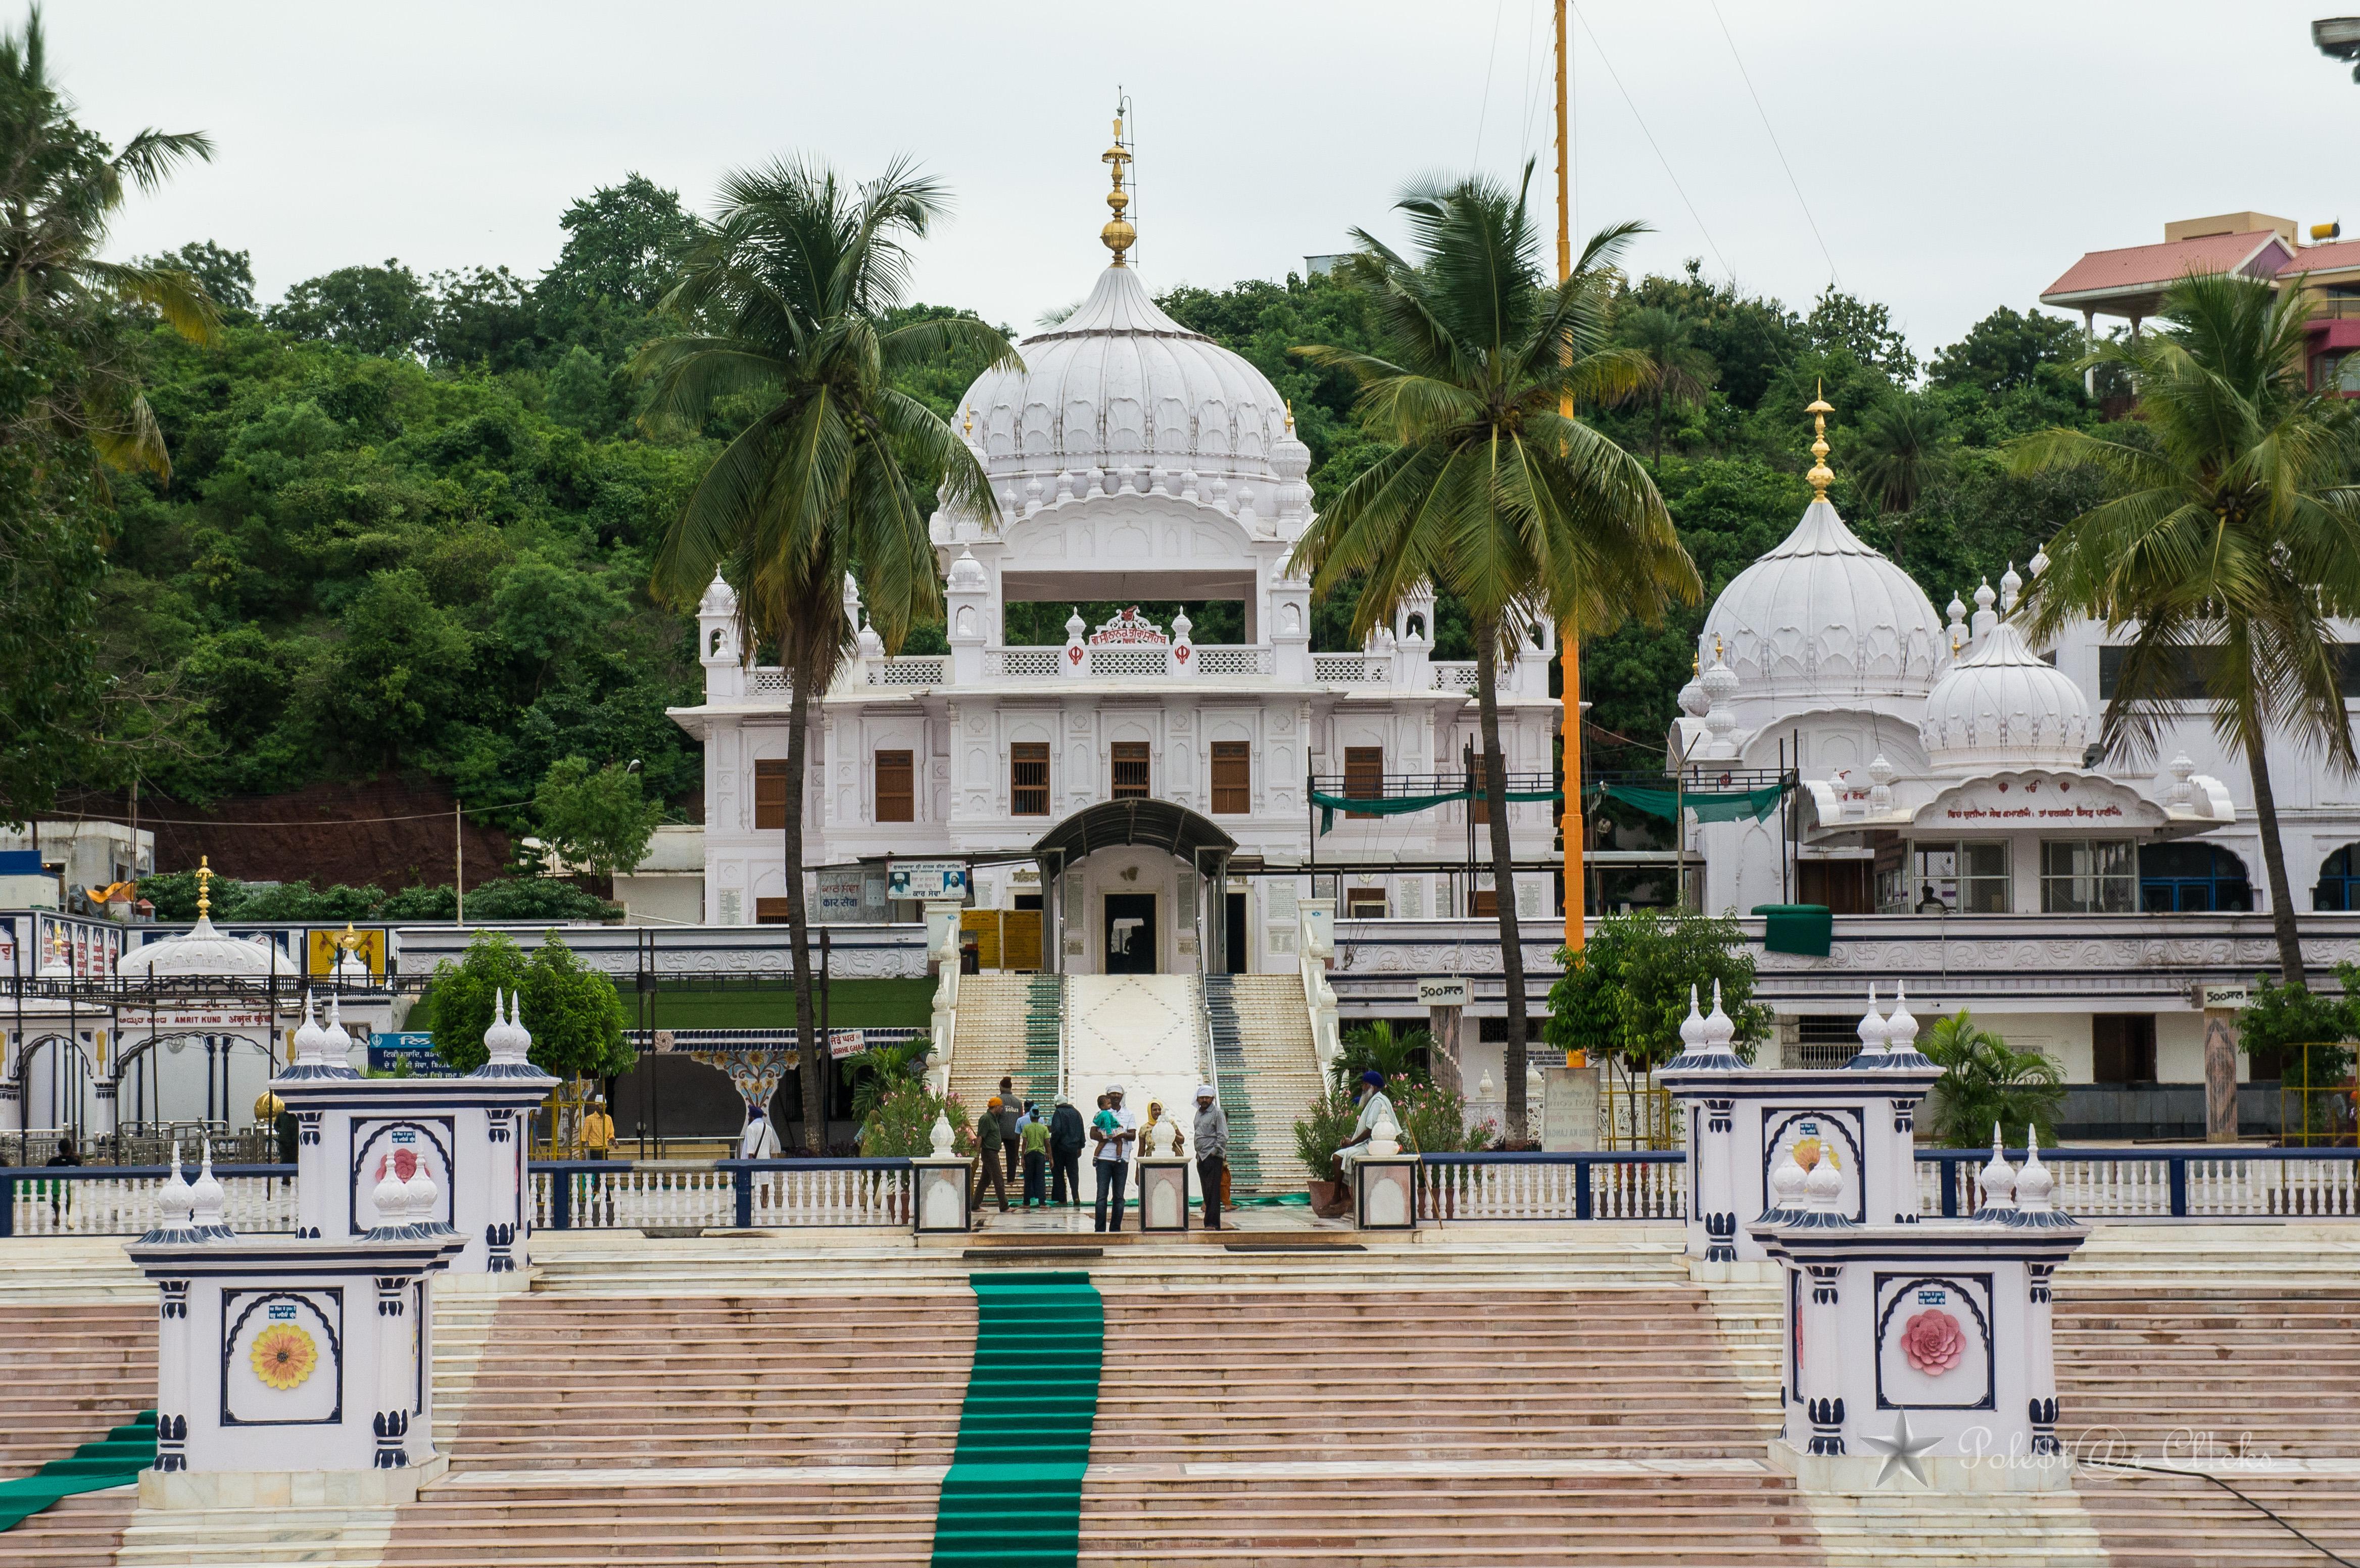 Gurudwara Nanak Jhira Sahib